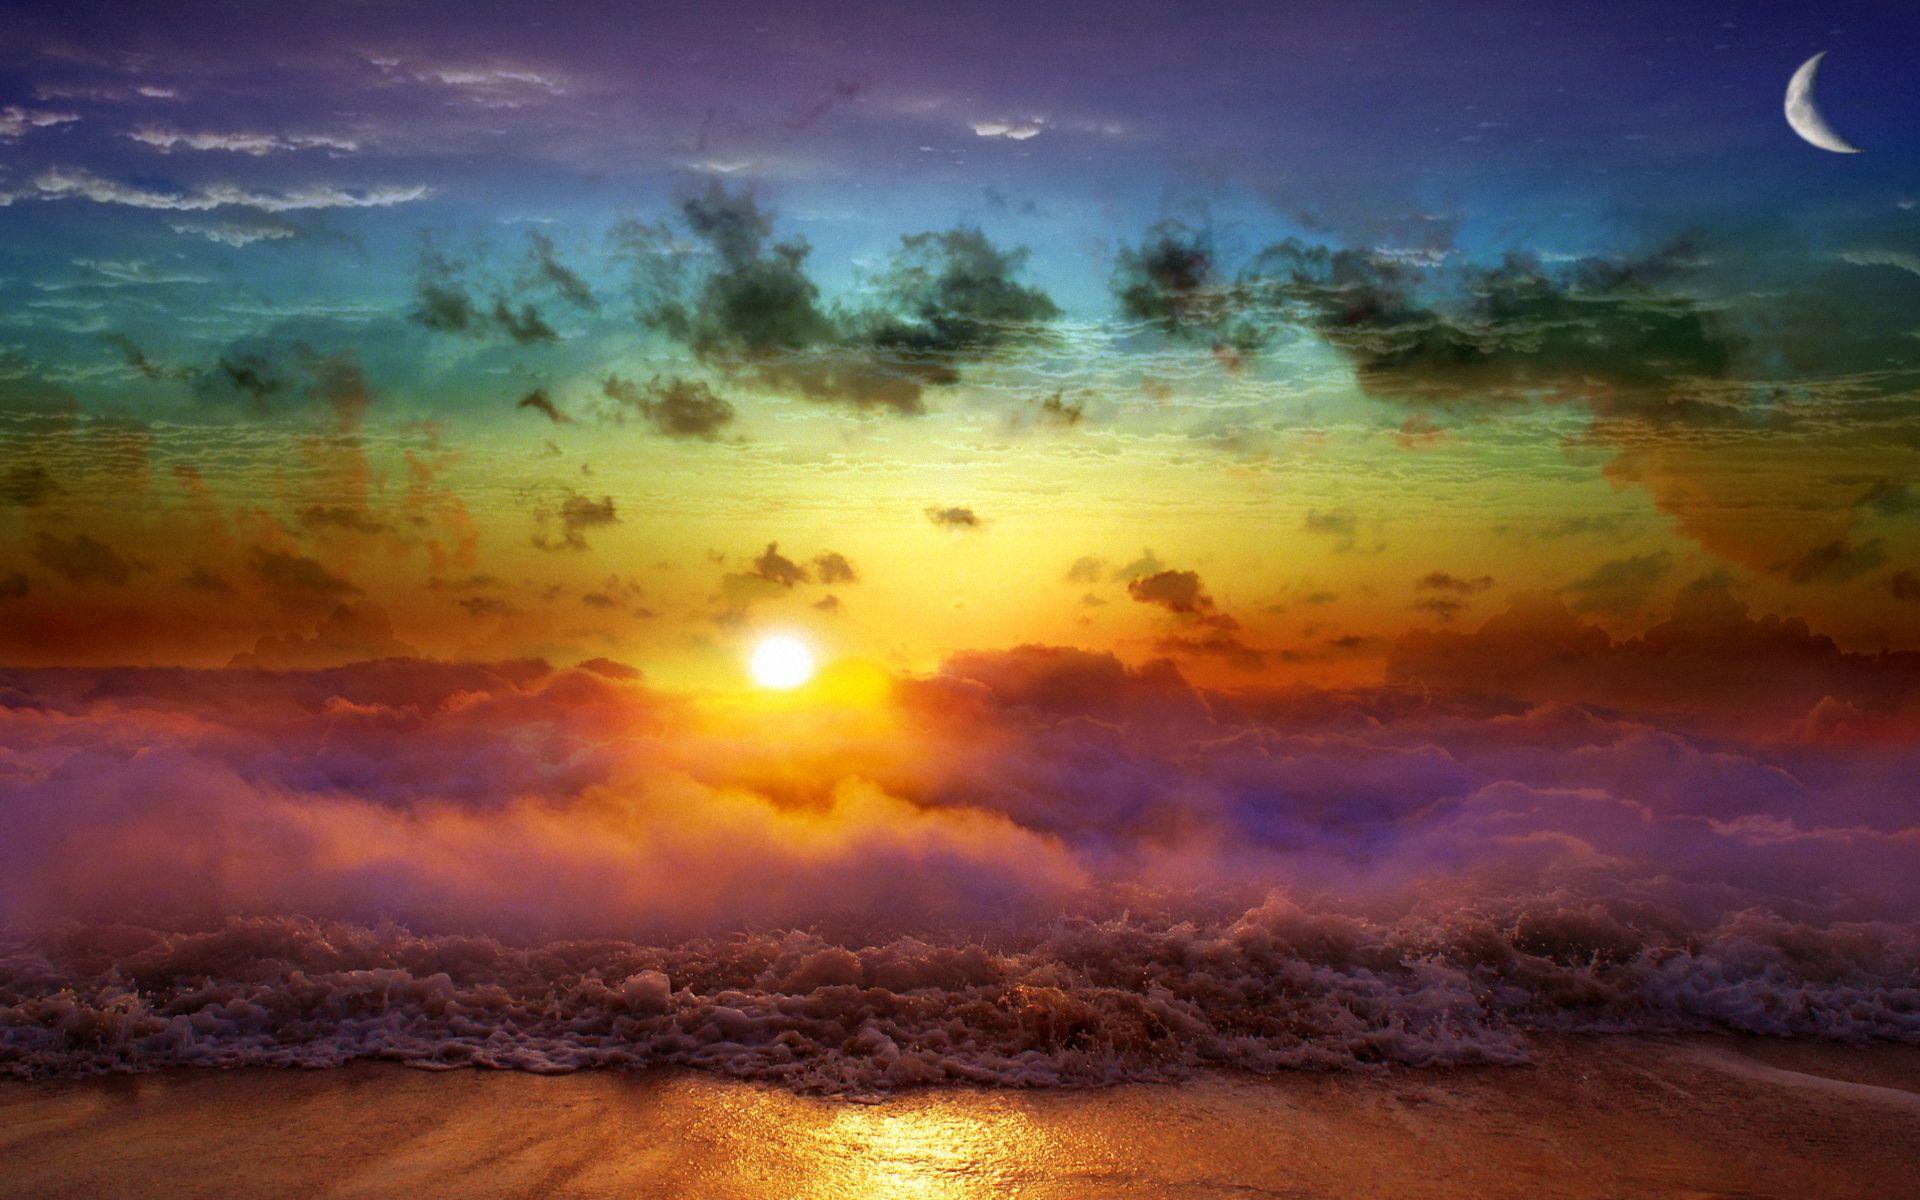 143900 Заставки и Обои Волны на телефон. Скачать Природа, Луна, Закат, Вечер, Слияние, День, Ночь, Море, Туман, Облака, Волны, Солнце картинки бесплатно